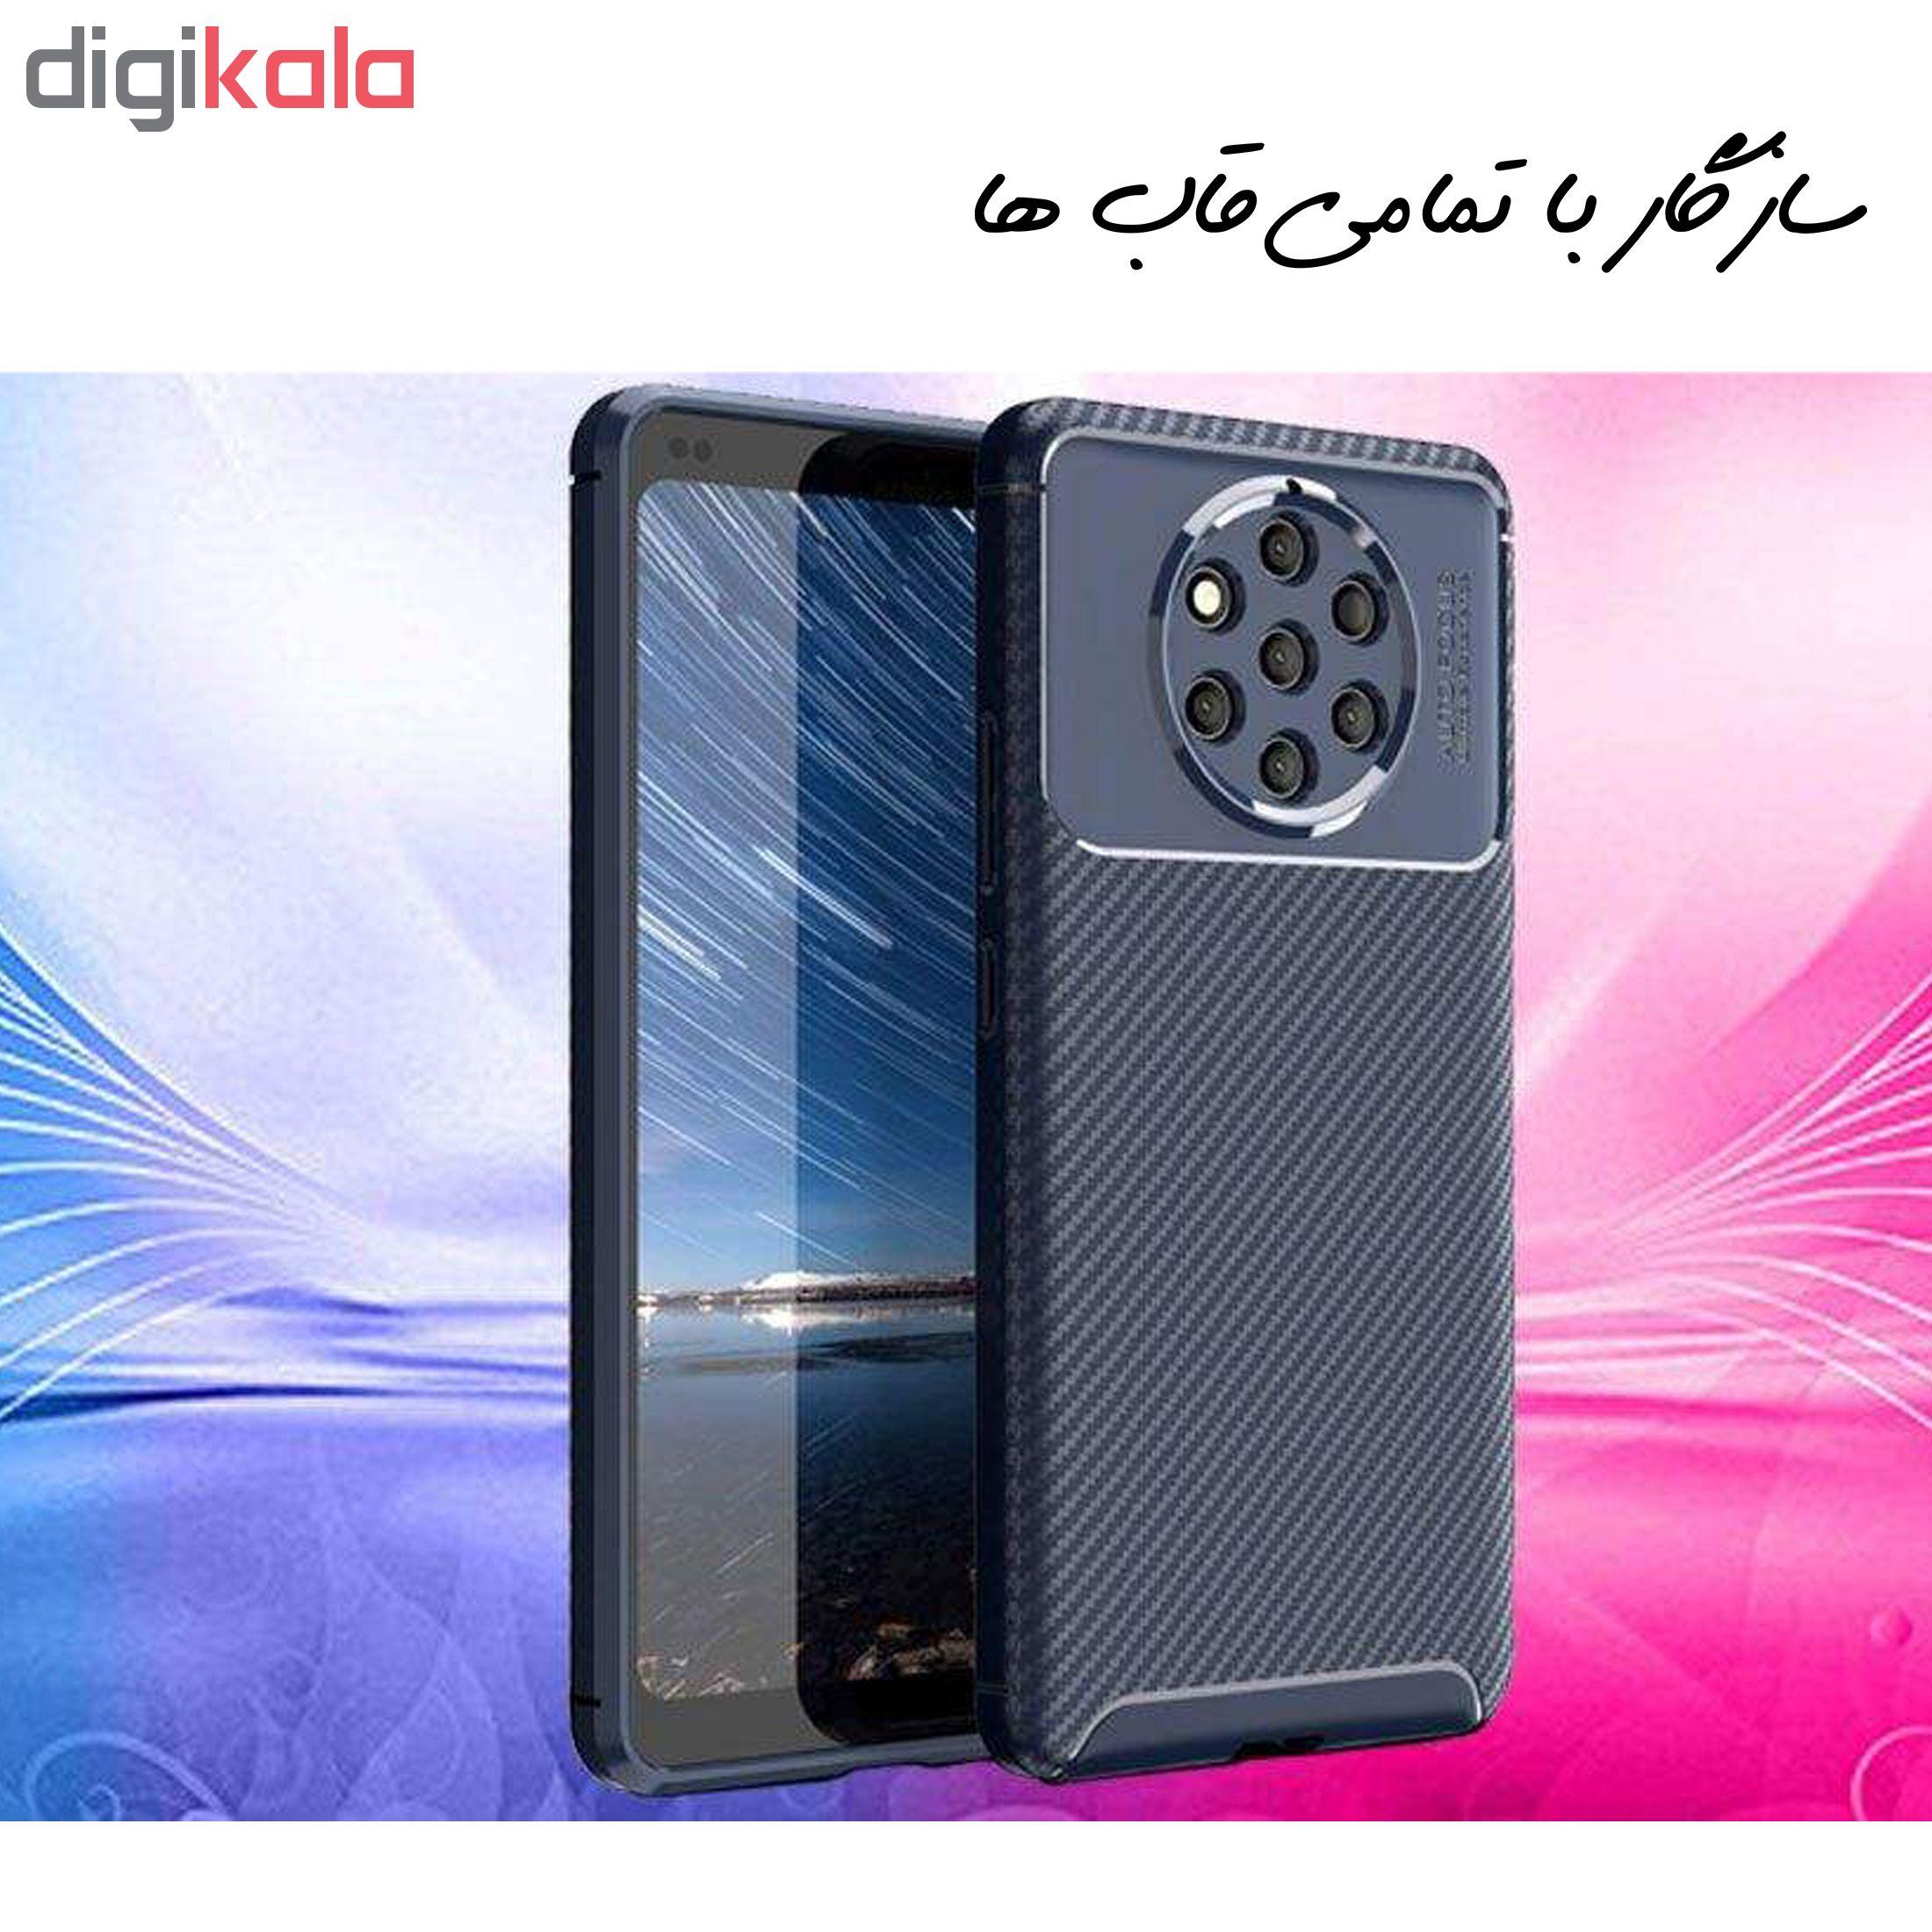 محافظ صفحه نمایش Hard and thick مدل F-001 مناسب برای گوشی موبایل سامسونگ Galaxy S10 plus main 1 5